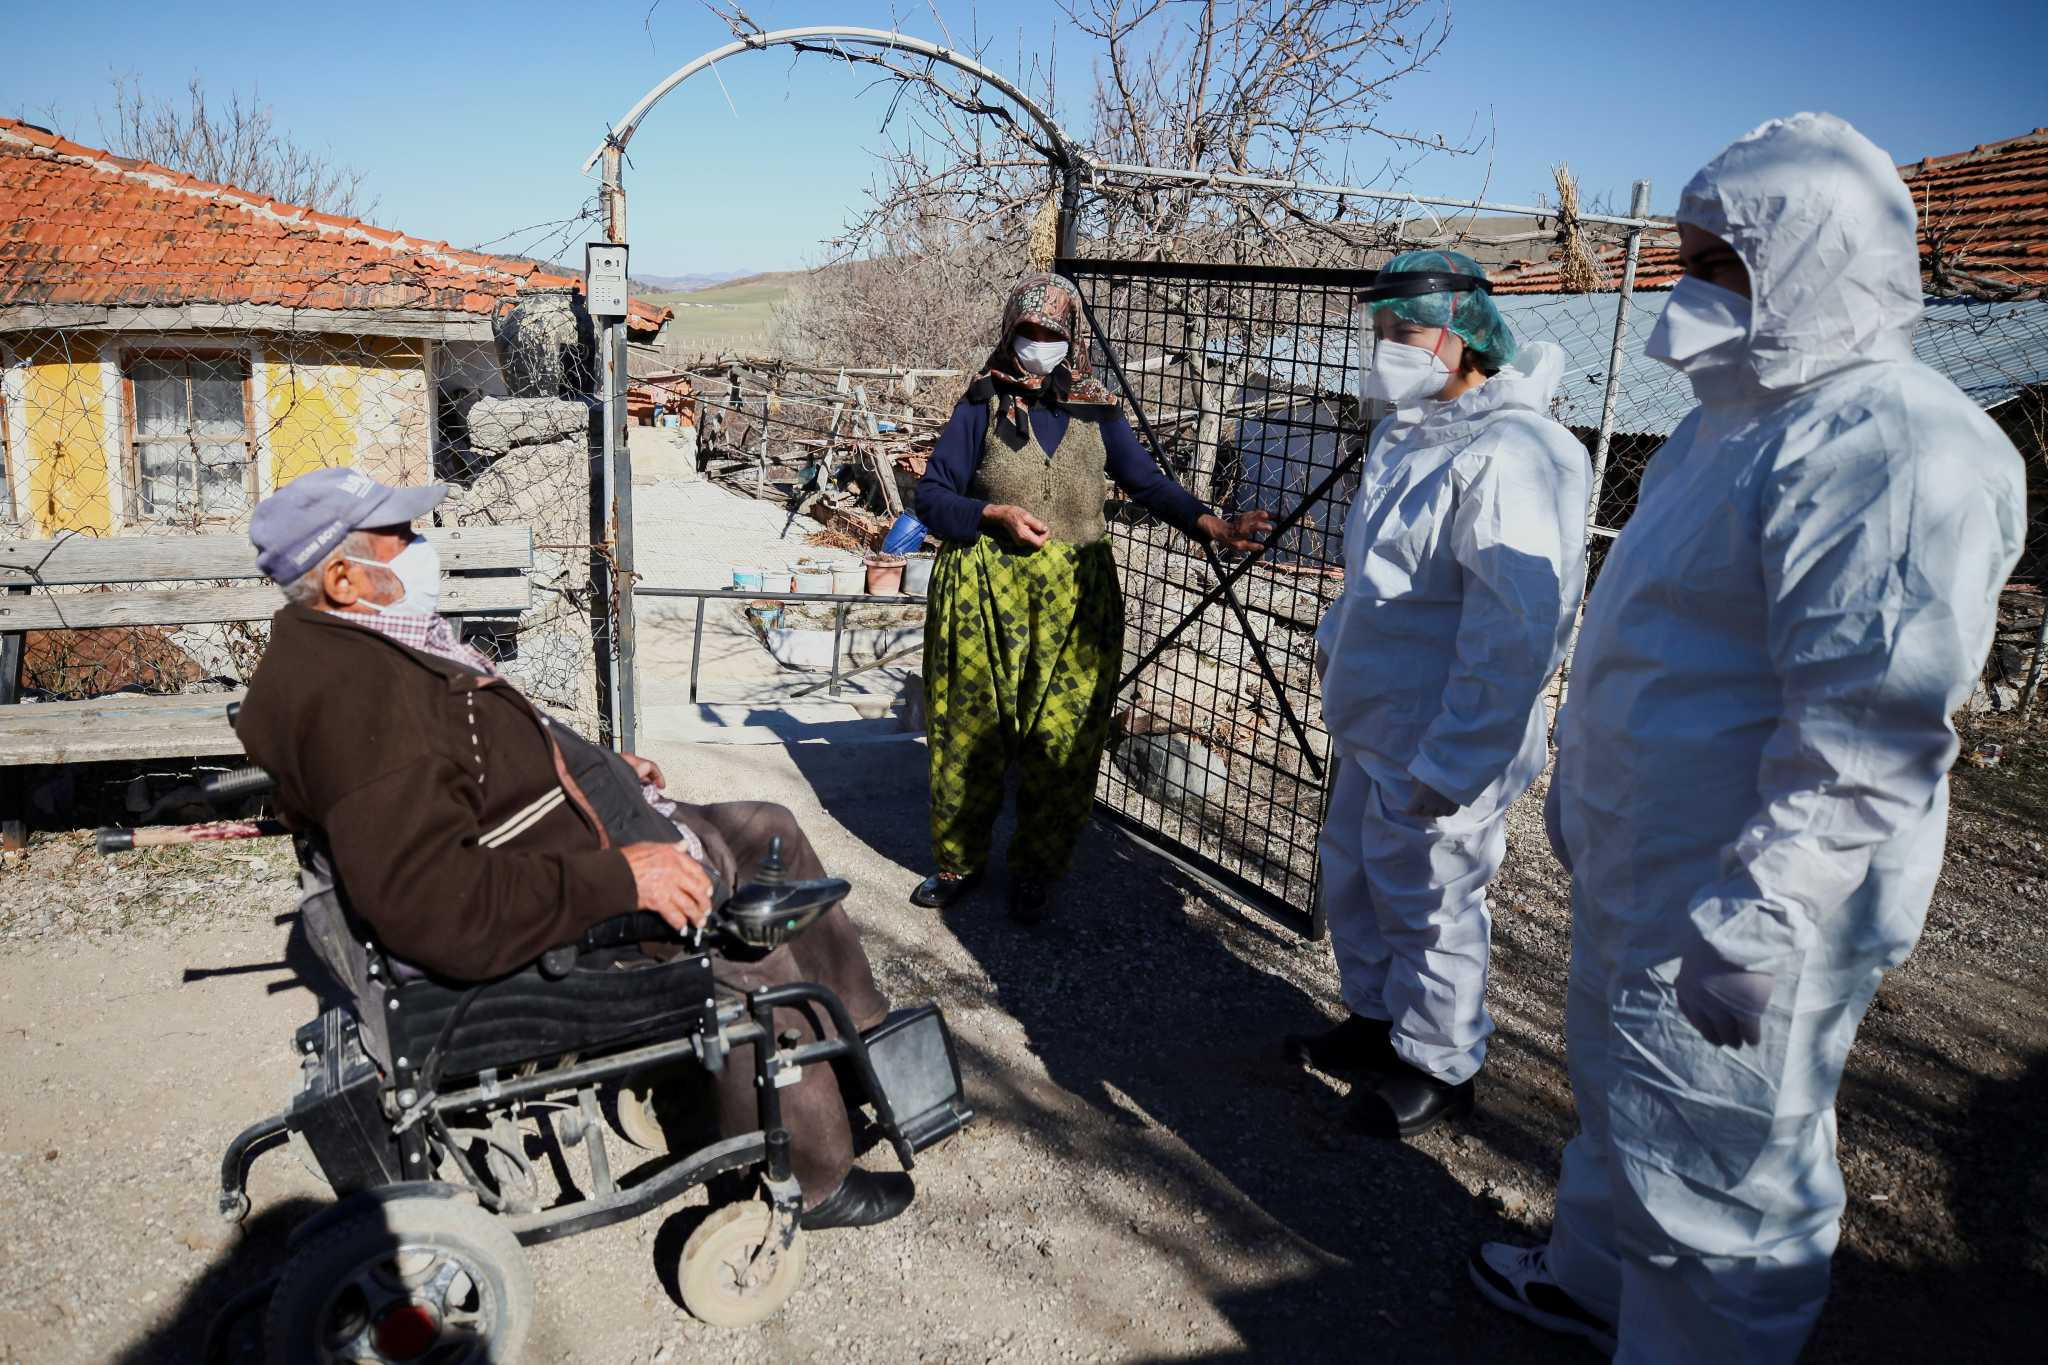 Τουρκία: Ανεξέλεγκτος ο κορονοϊός και «πυρά» ειδικών κατά Ερντογάν (pics)